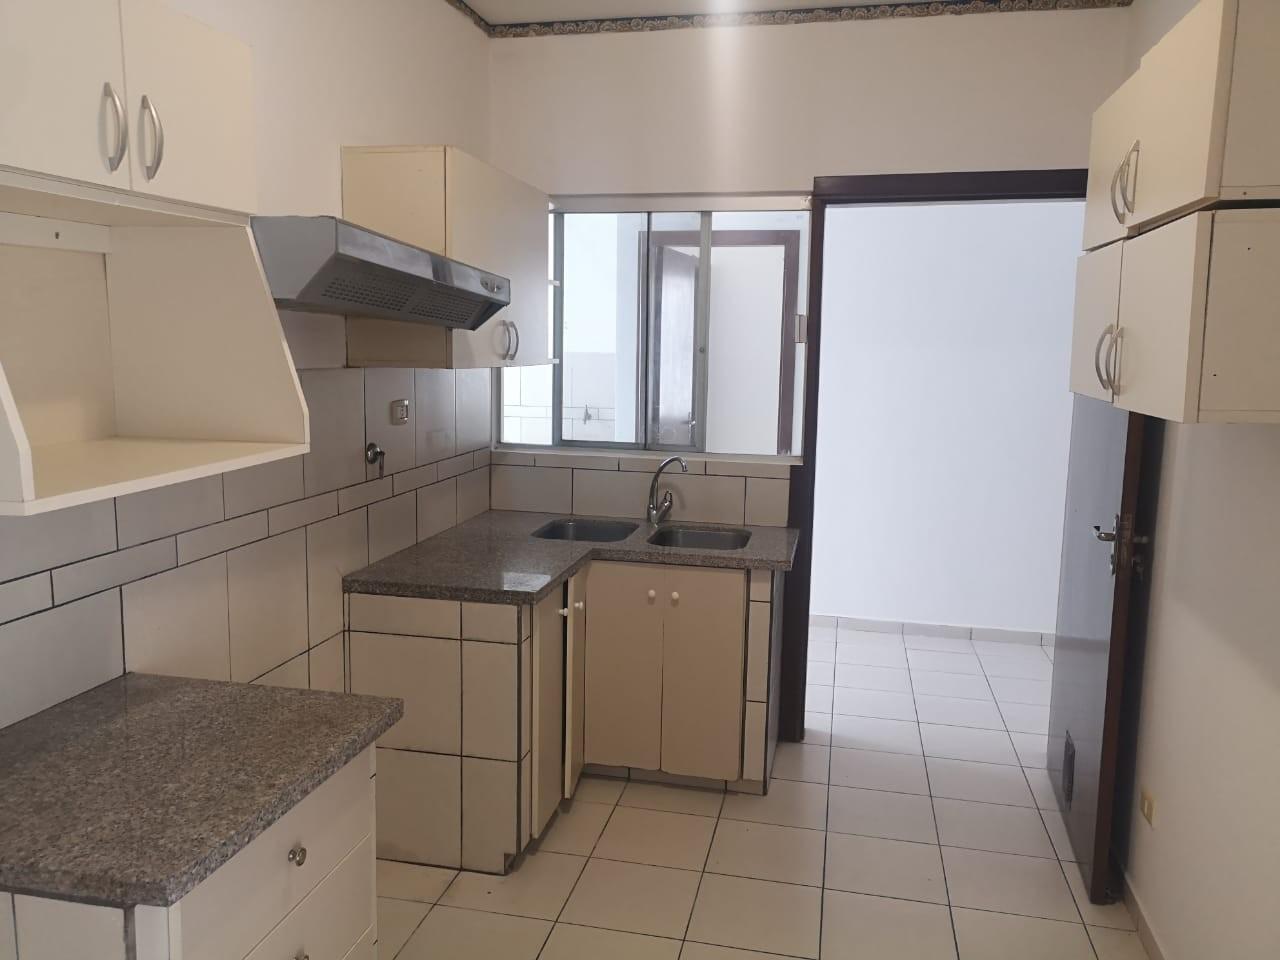 Departamento en Venta PLAN 12 DE HAMACAS, CONDOMINIO SAN GABRIEL Foto 4